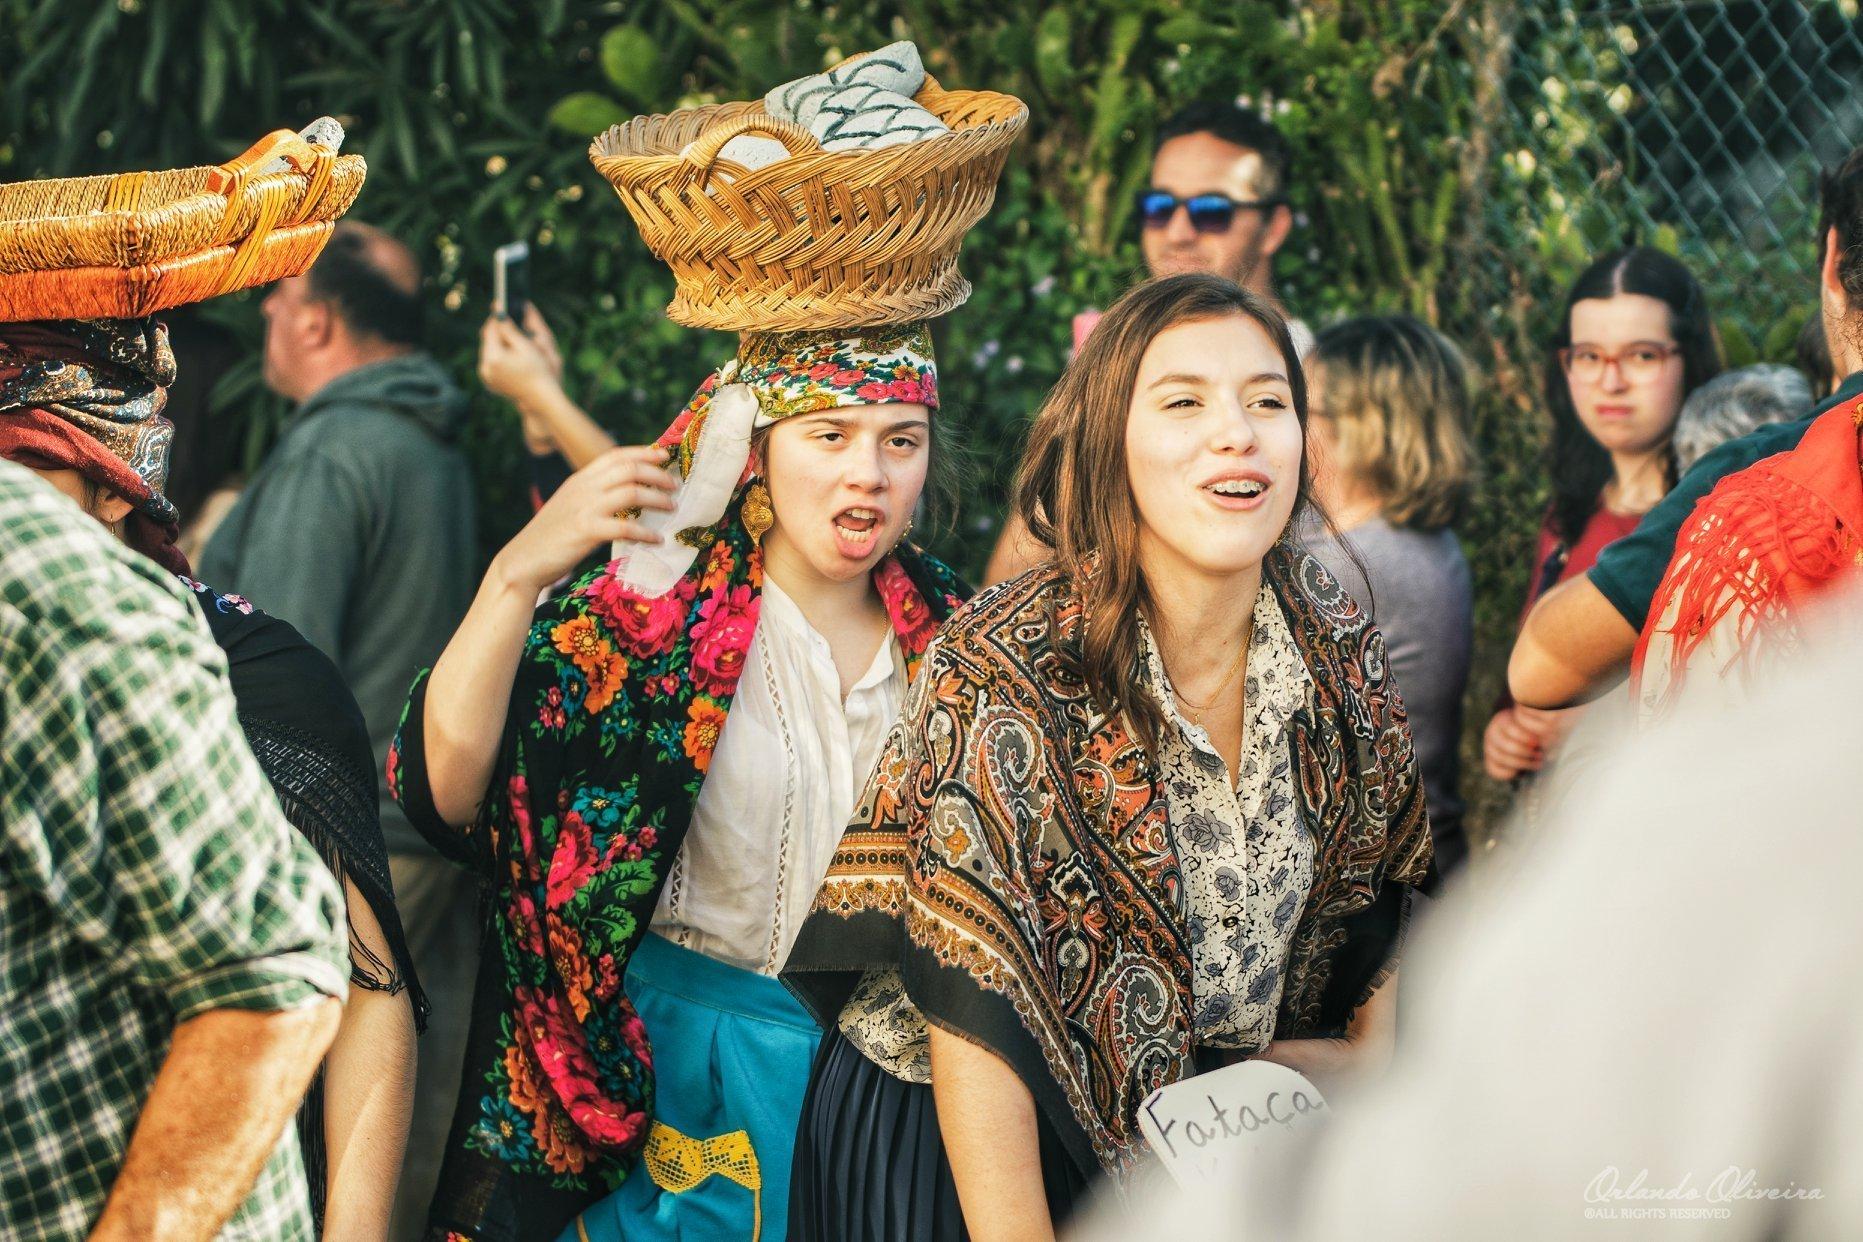 Fotogaleria. O Carnaval da Linhaceira em imagens